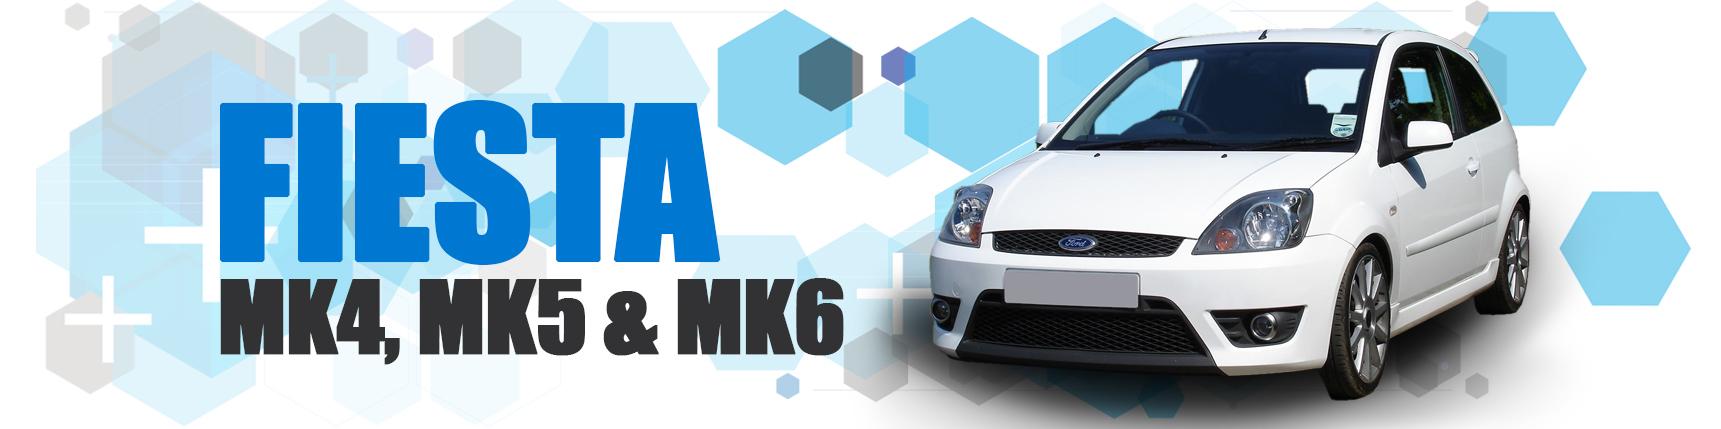 Fiesta Mk4/5 and Mk6 incl. Zetec-S & ST150